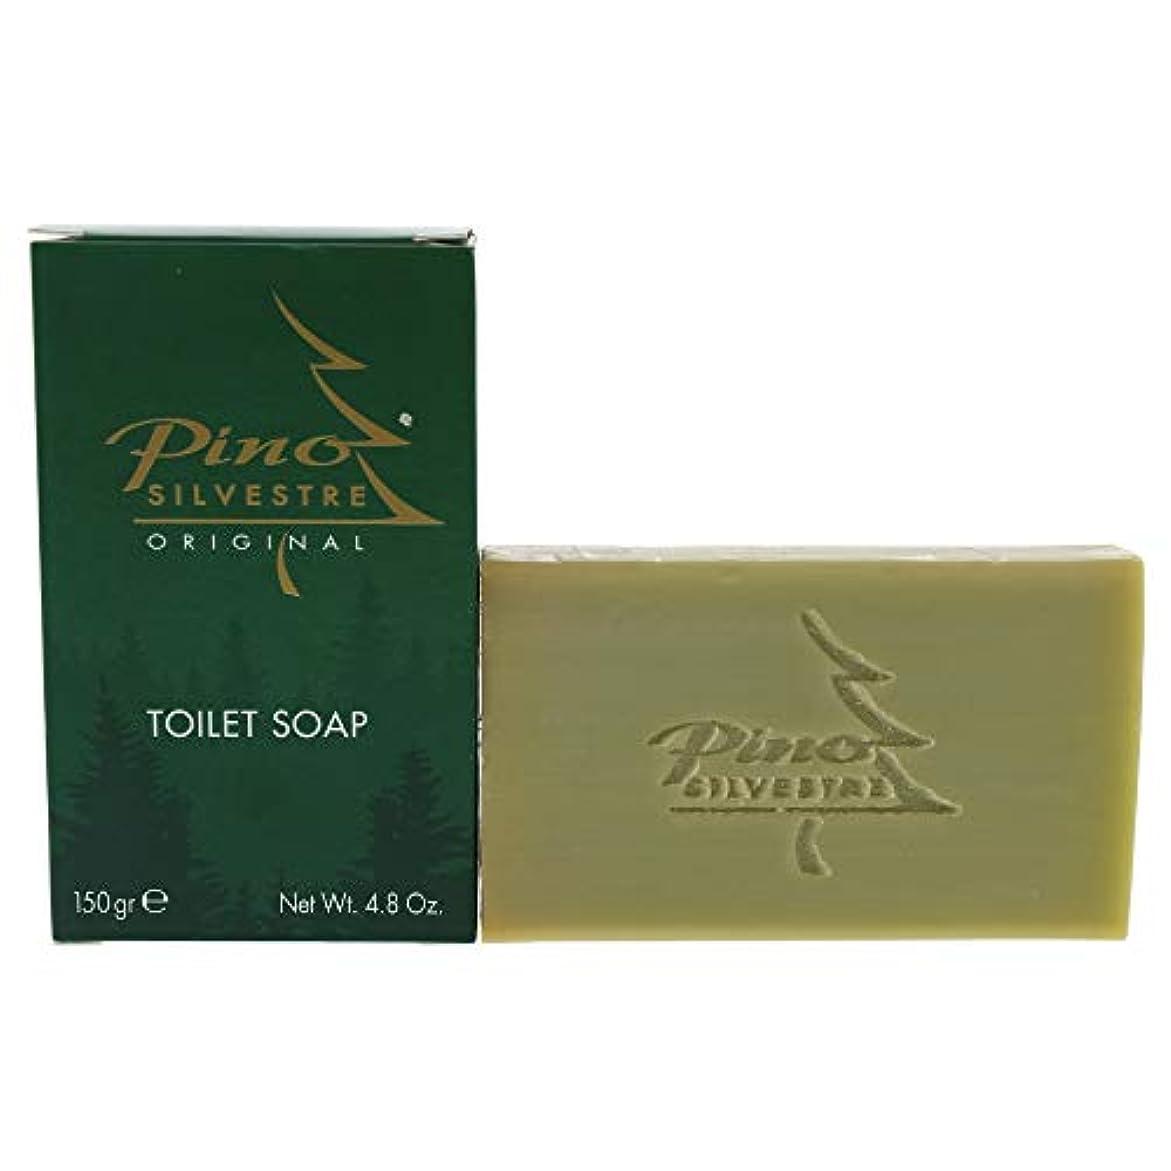 パトロン大統領別のOriginal Toilet Soap